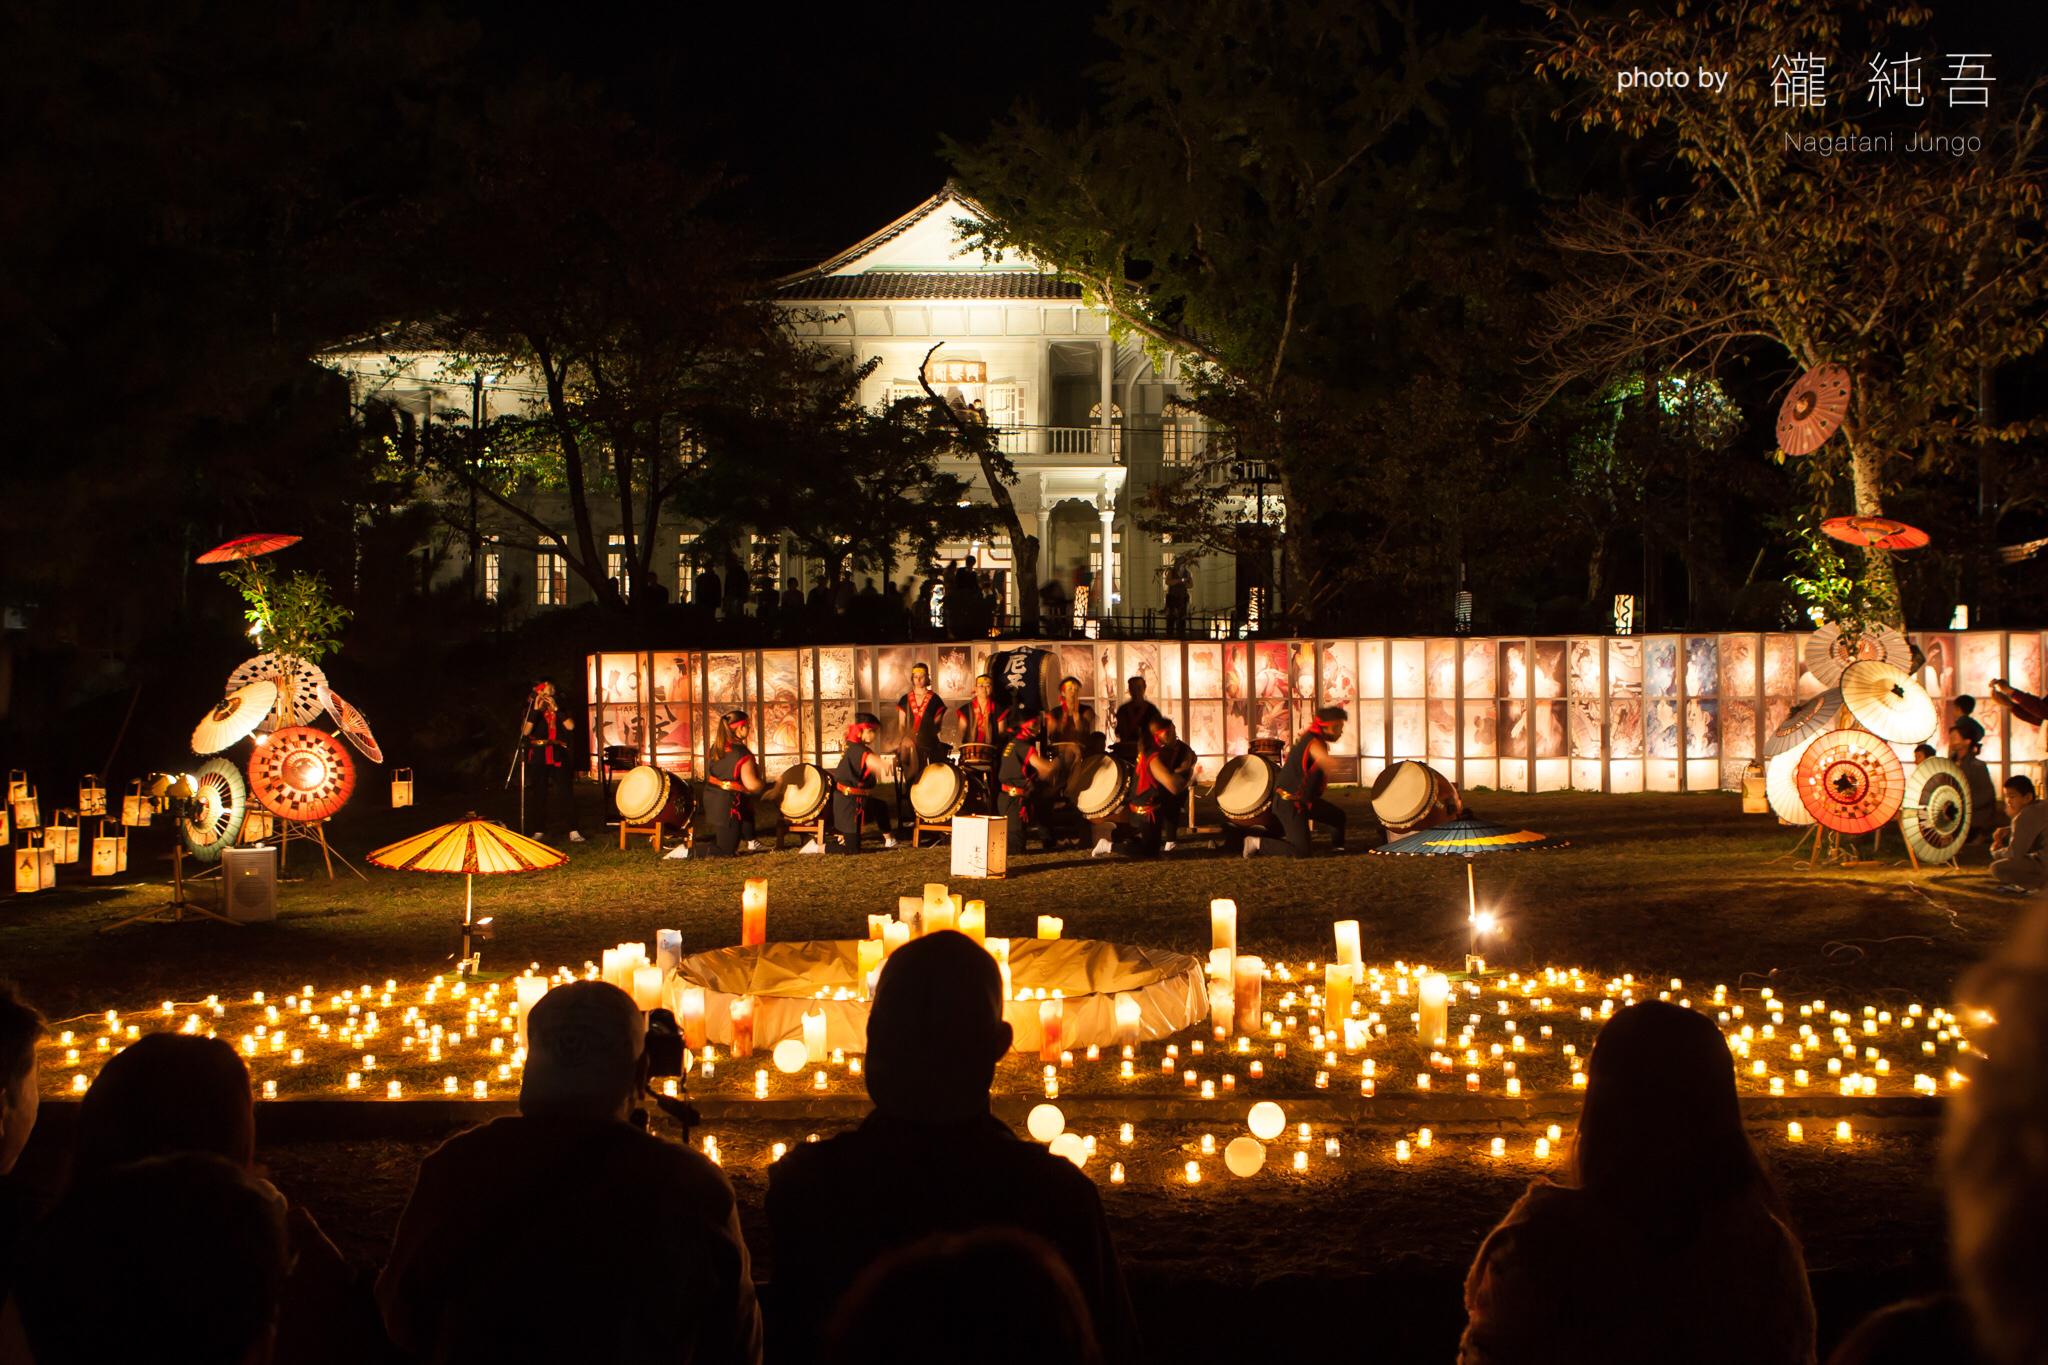 松江城二の丸・上の段で催される「いにしえの光と音」(松江水燈路 2016)